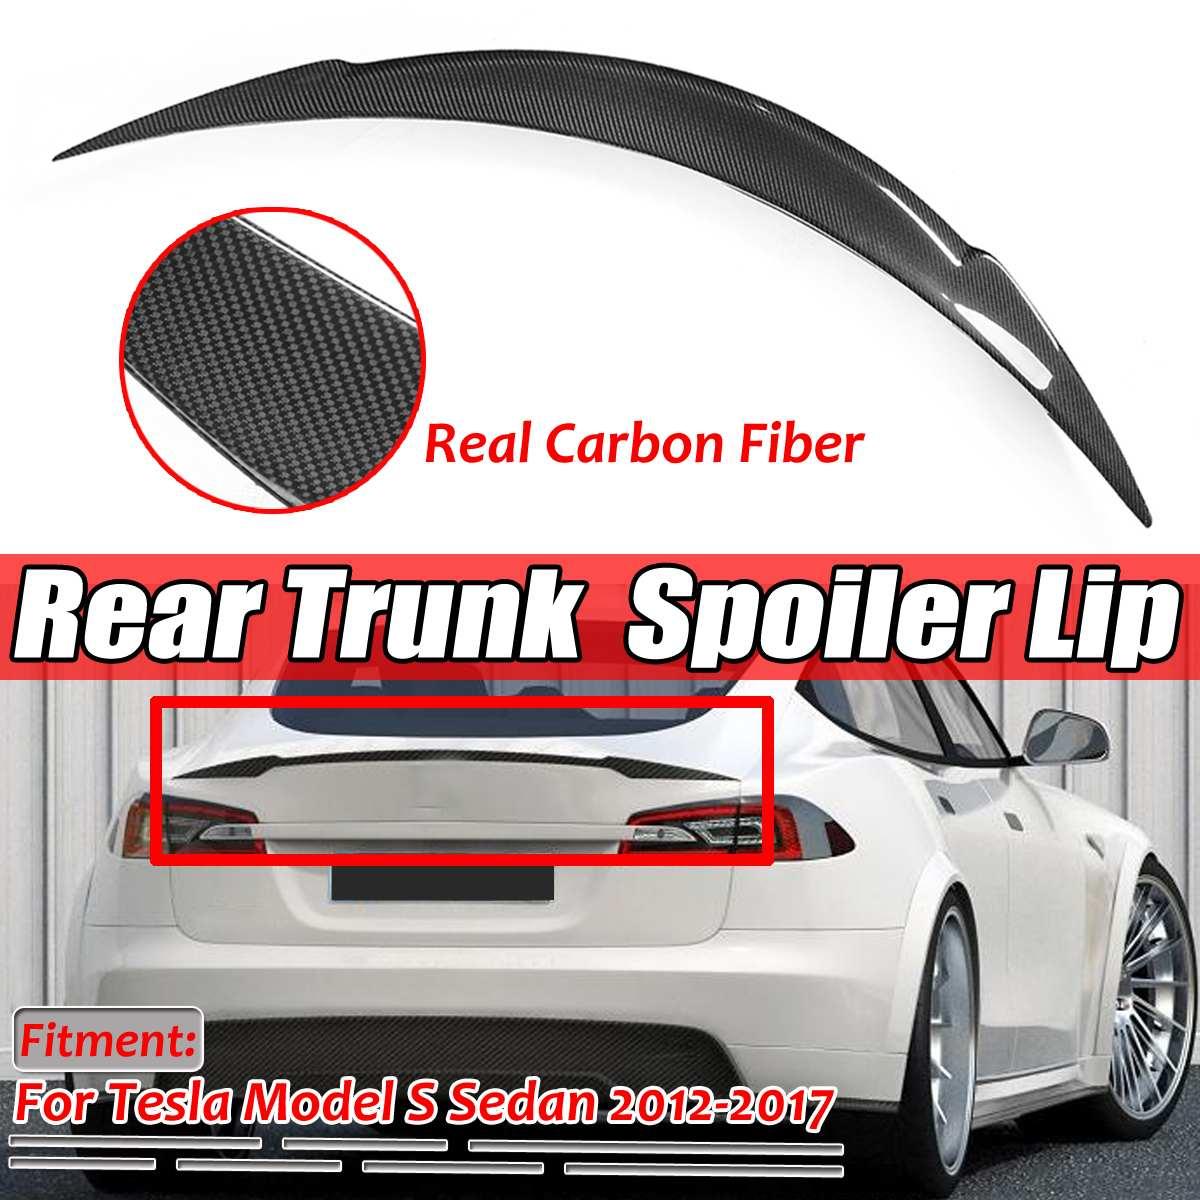 新リアルカーボン繊維車のリアトランク Boot リップトランクスポイラーウイングリップビッグテスラためモデル S セダン 2012- 2019 ウイングスポイラー